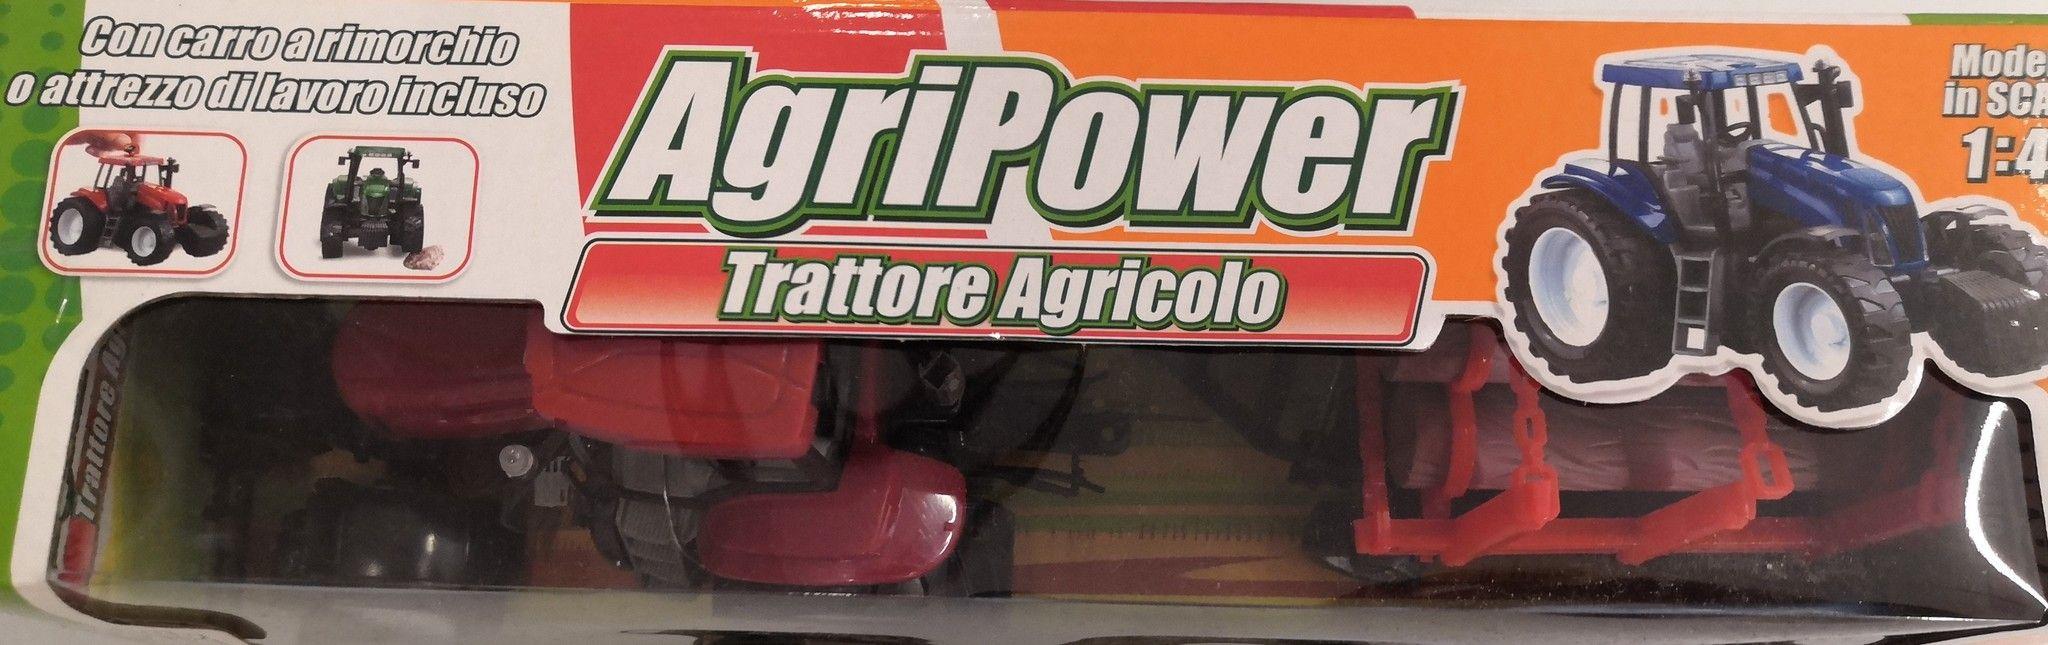 TRATTORE AGRICOLO CON ACCESSORIO DA LAVORO